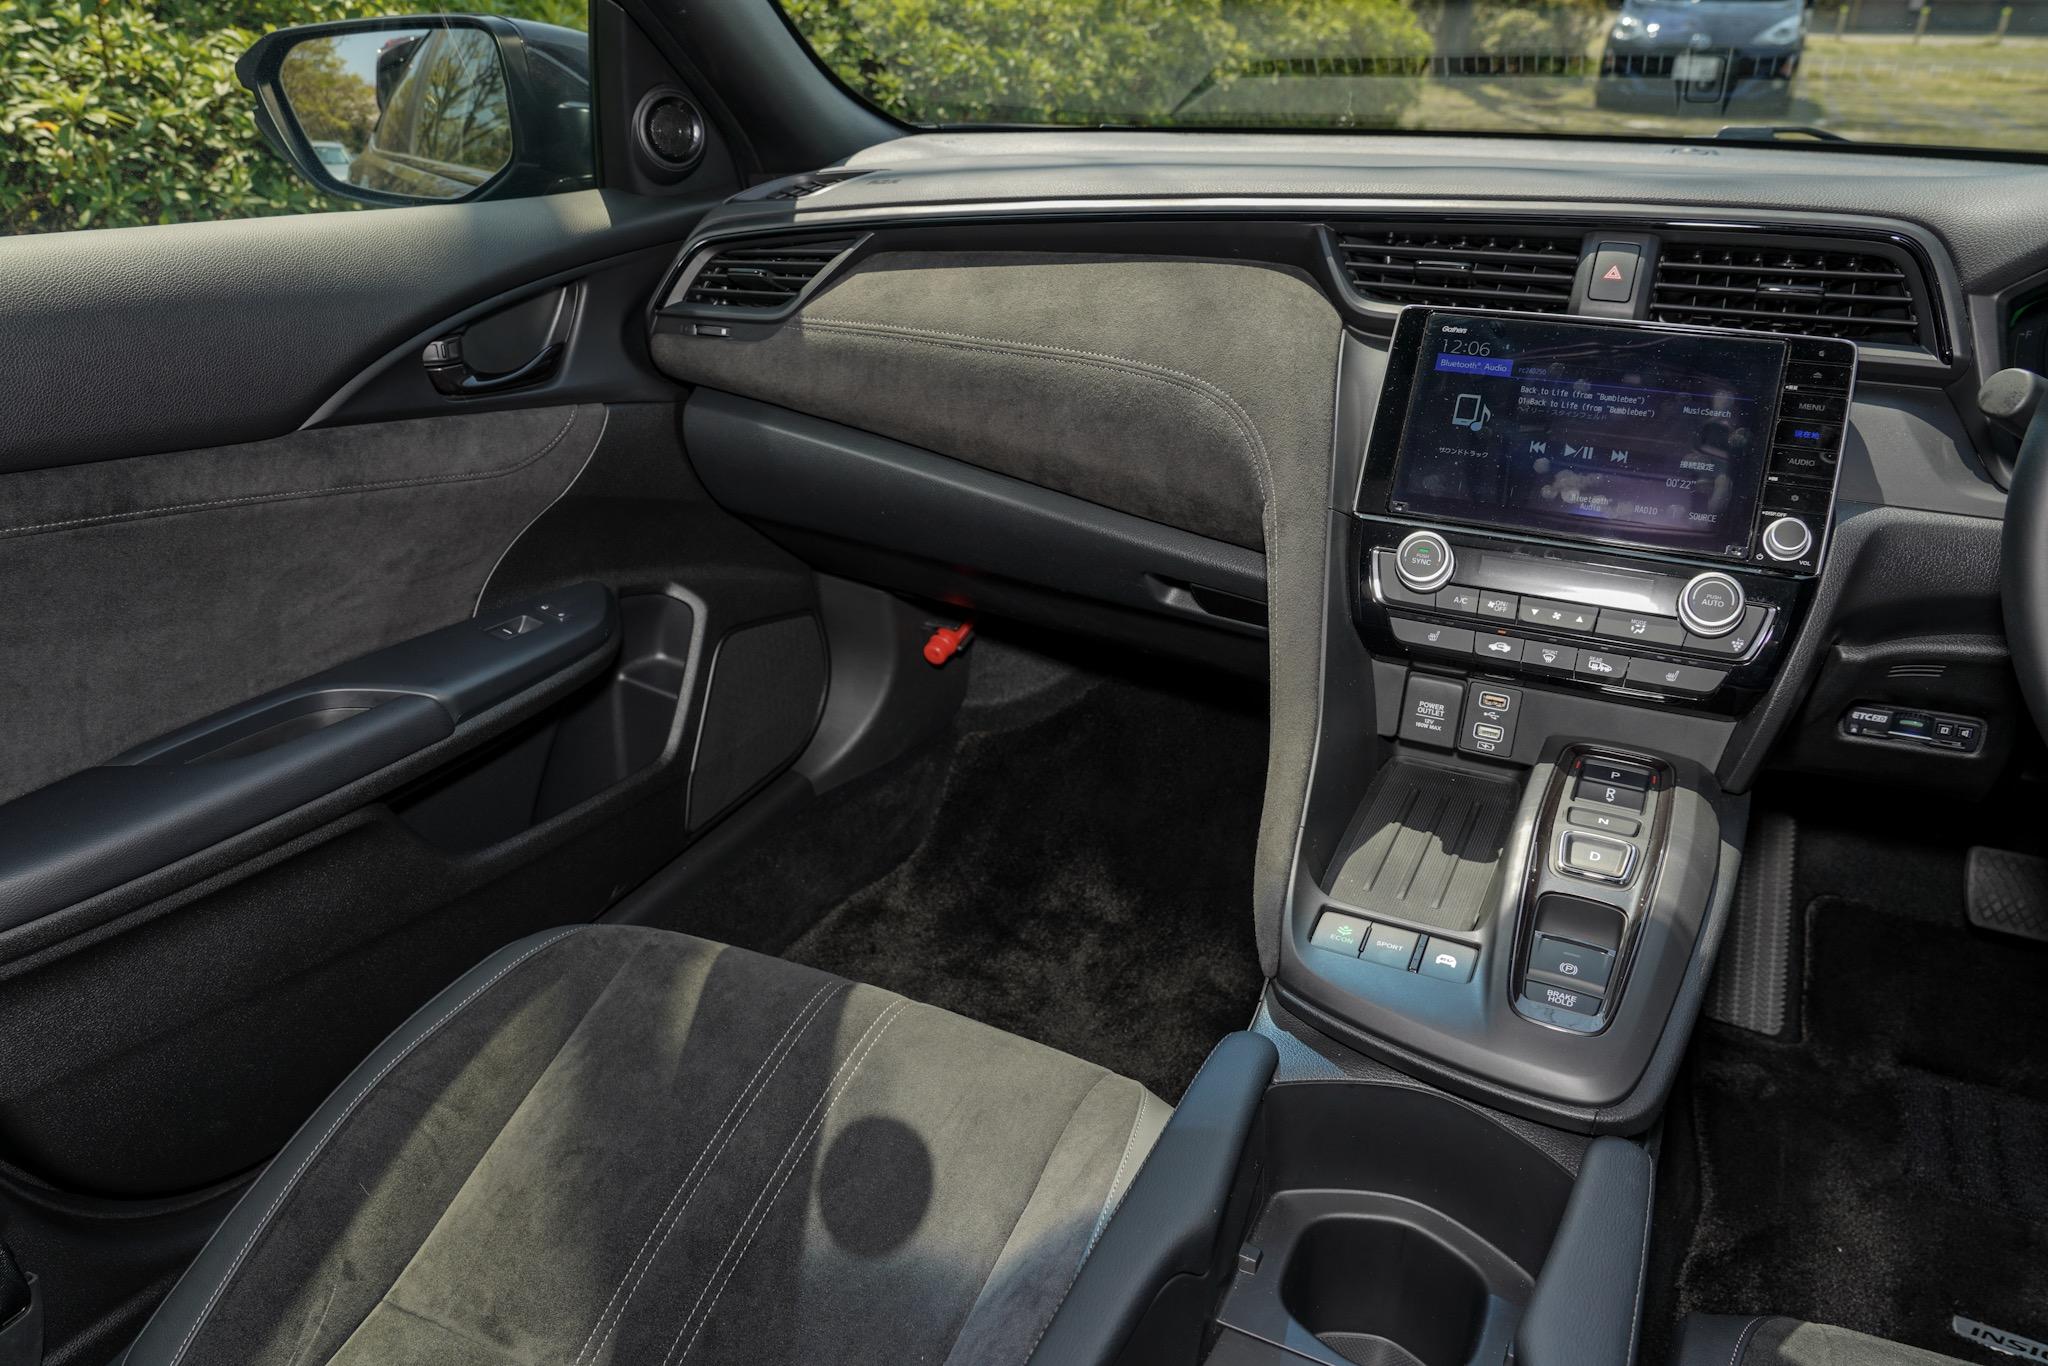 ホンダ インサイト 運転席の視線で助手席側のインパネを見る